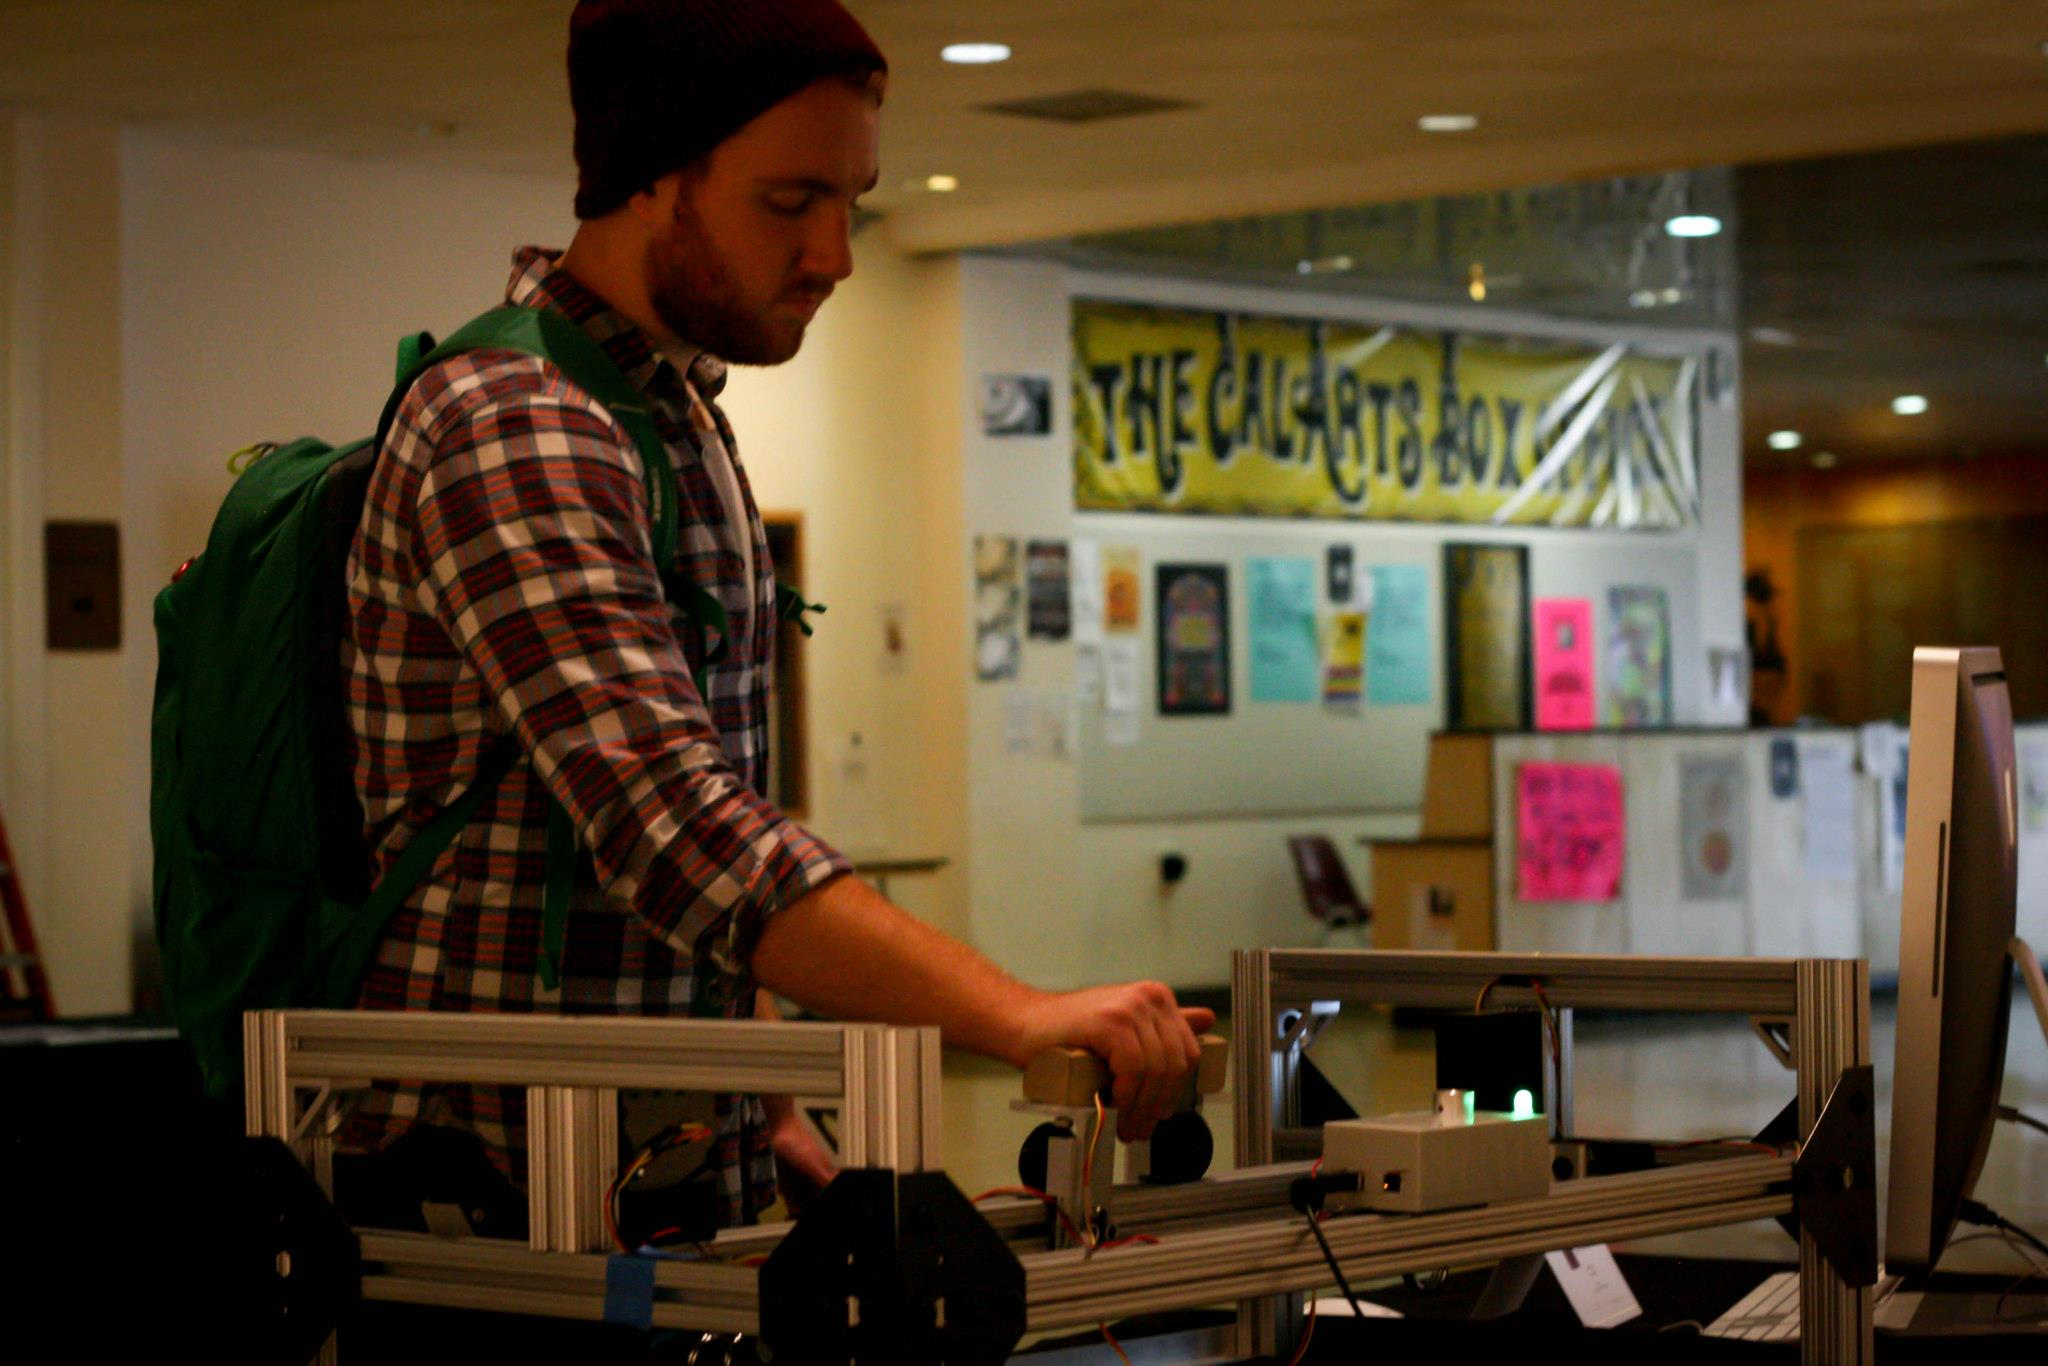 @ Digital Arts Expo 2013, CalArts